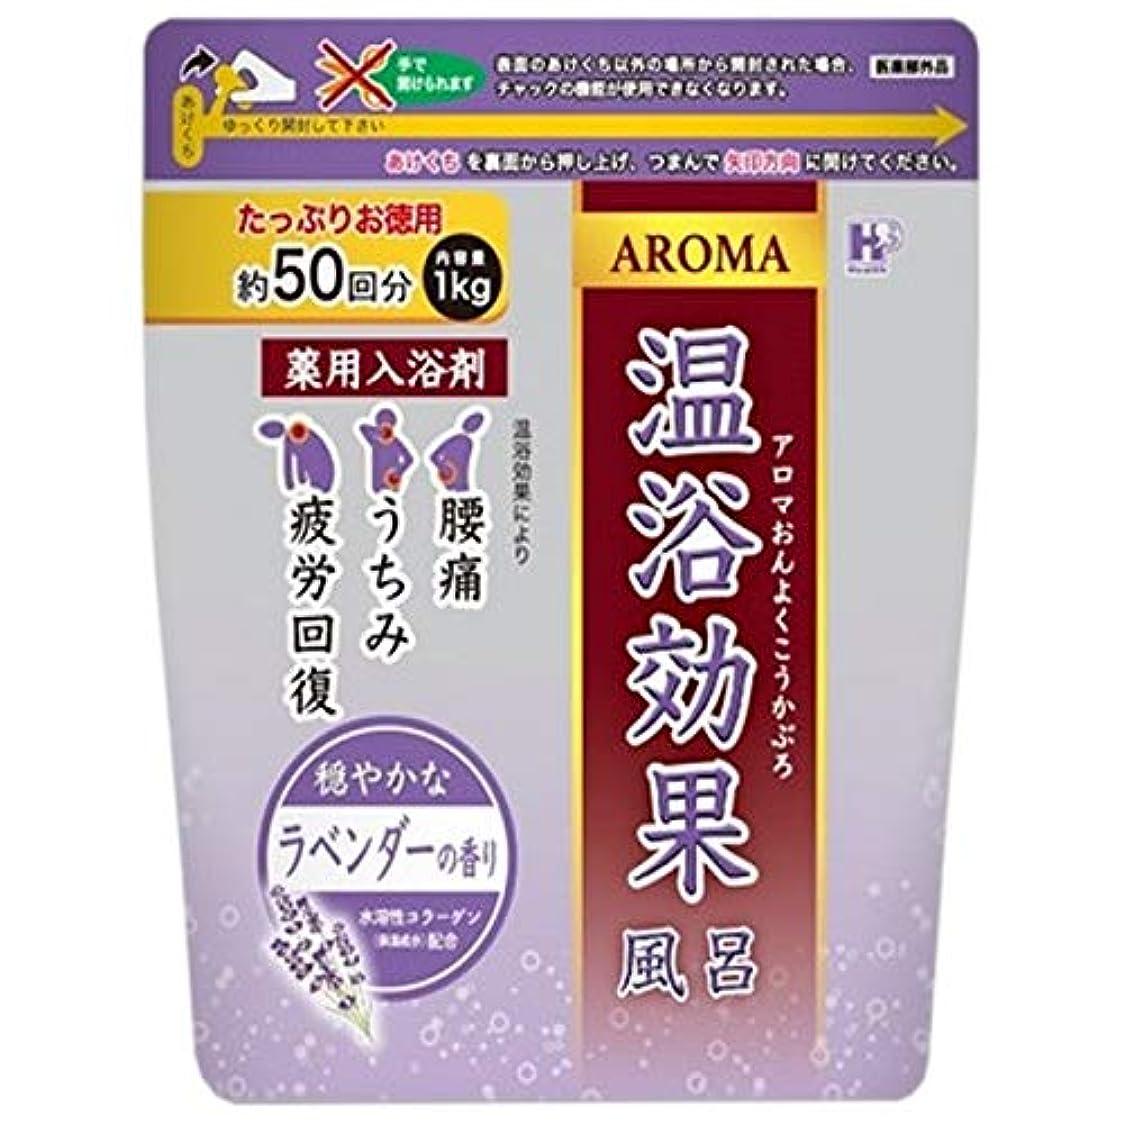 アレンジトラフ国民薬用入浴剤 アロマ温浴効果風呂 ラベンダー 1kg×10袋入